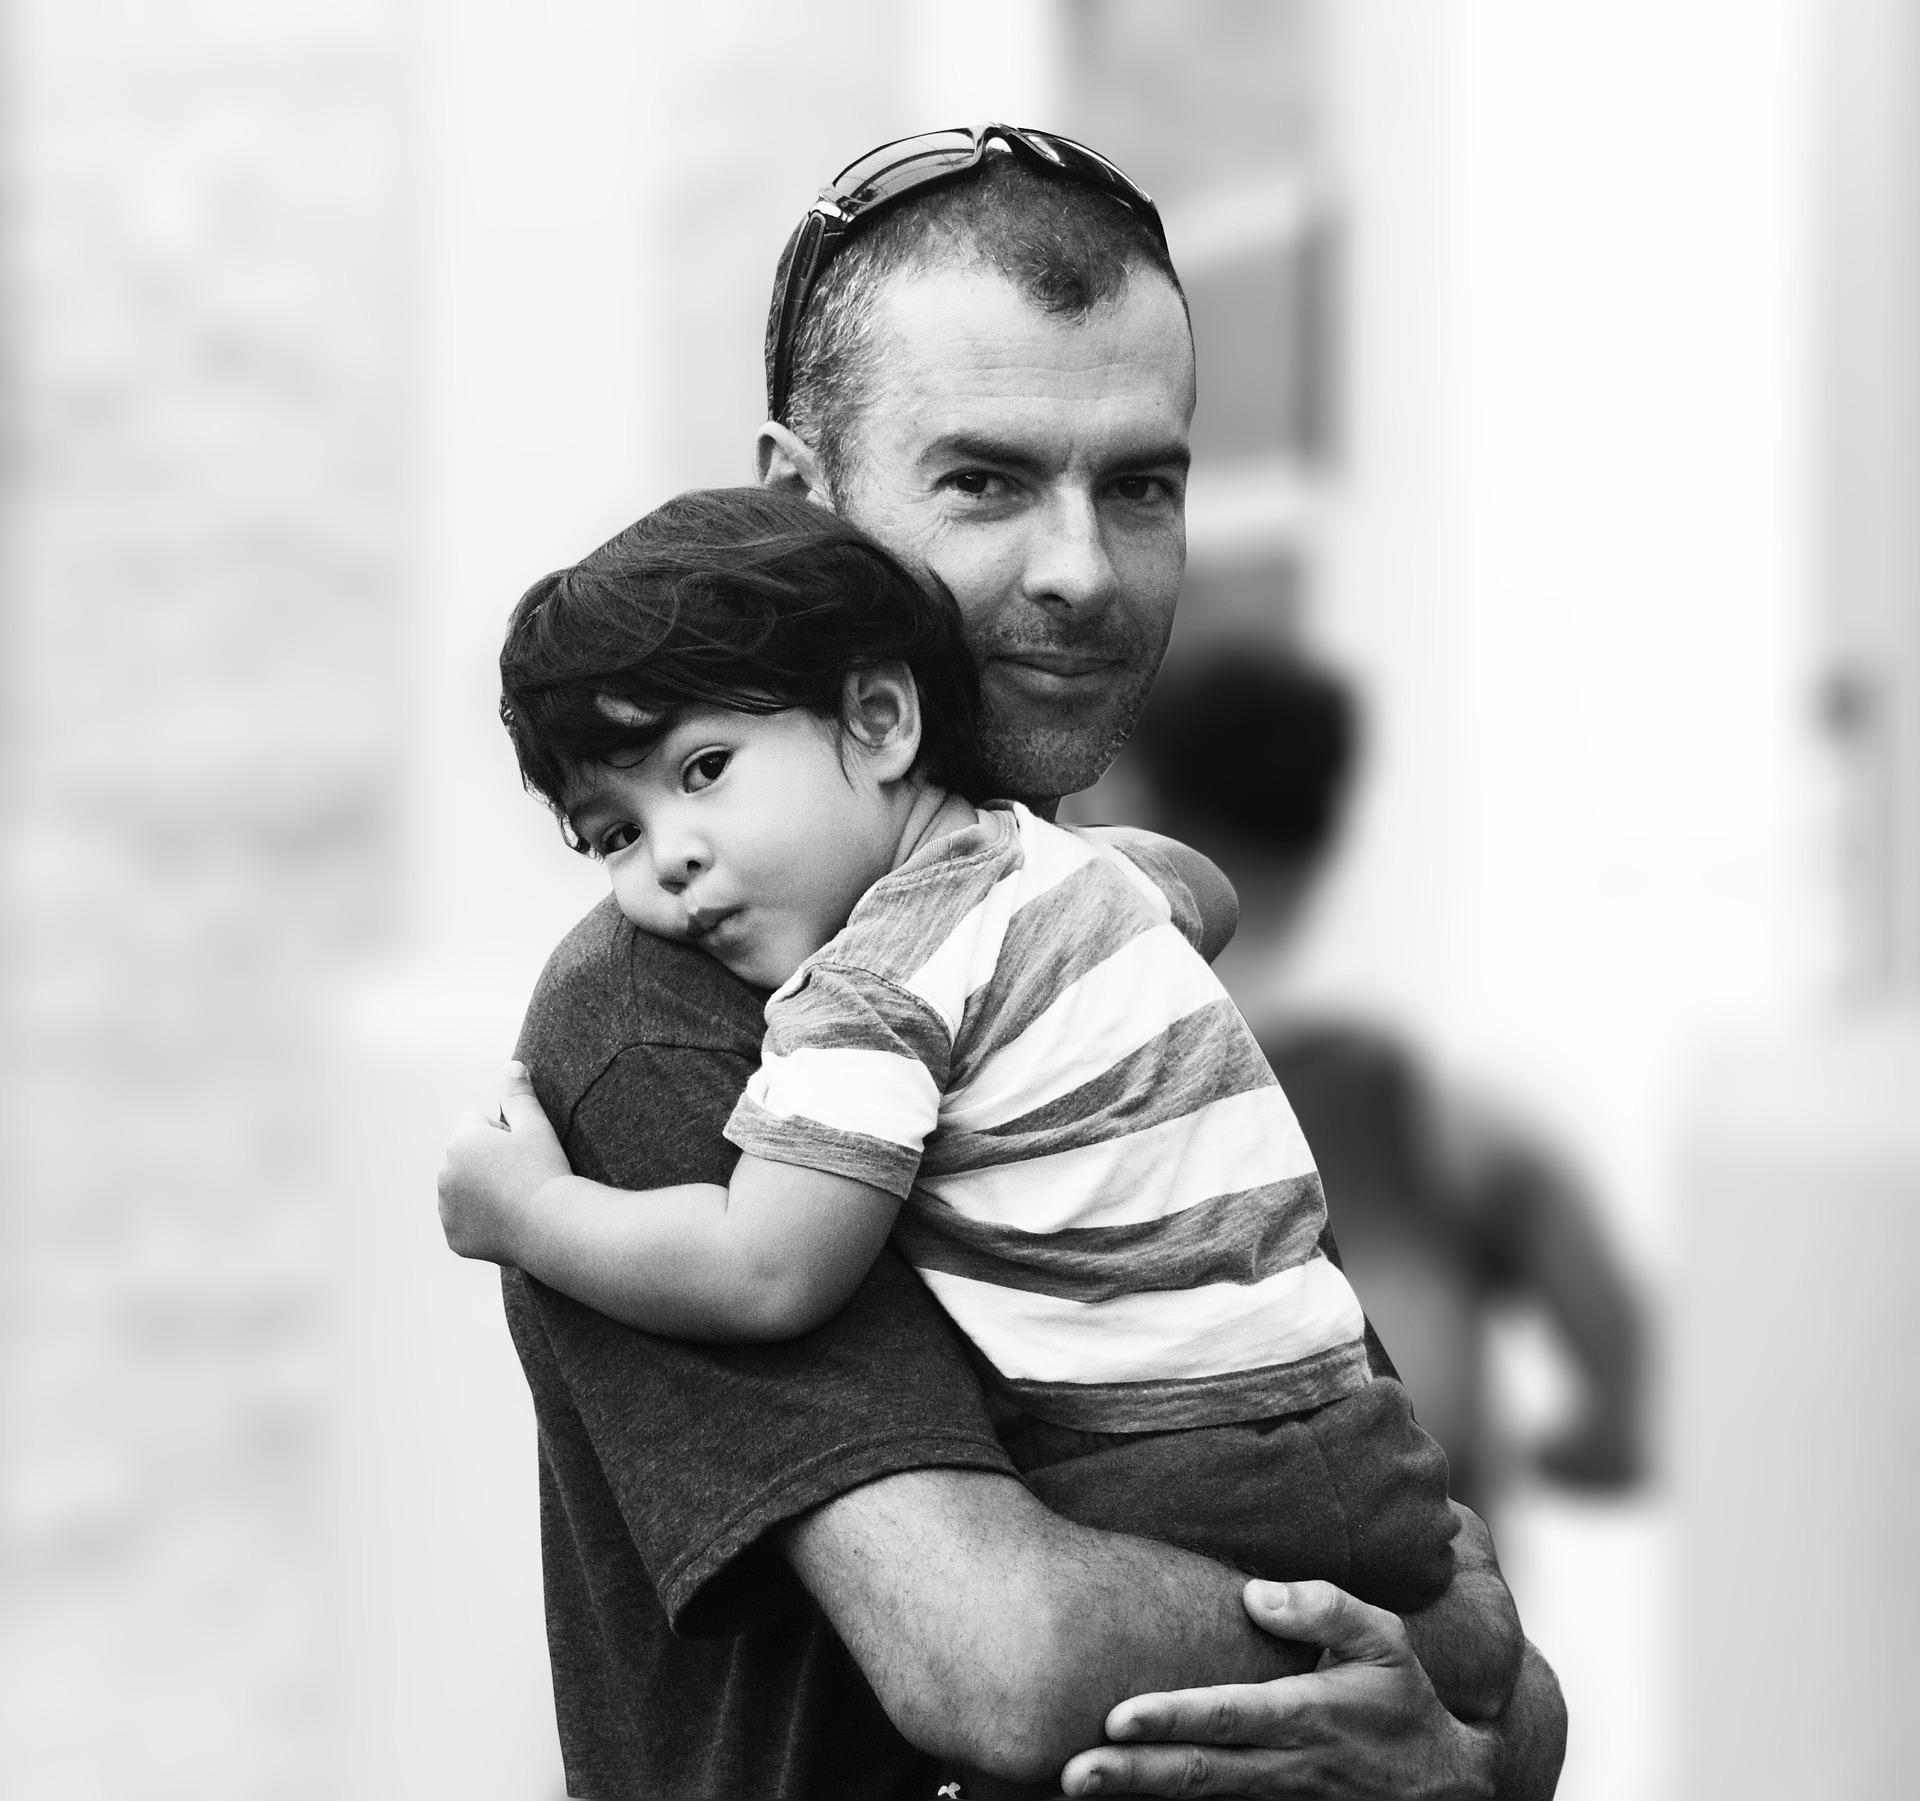 Existenzsicherung für armutsbetroffene und armutsgefährdete Kinder und Jugendliche in der Pandemie